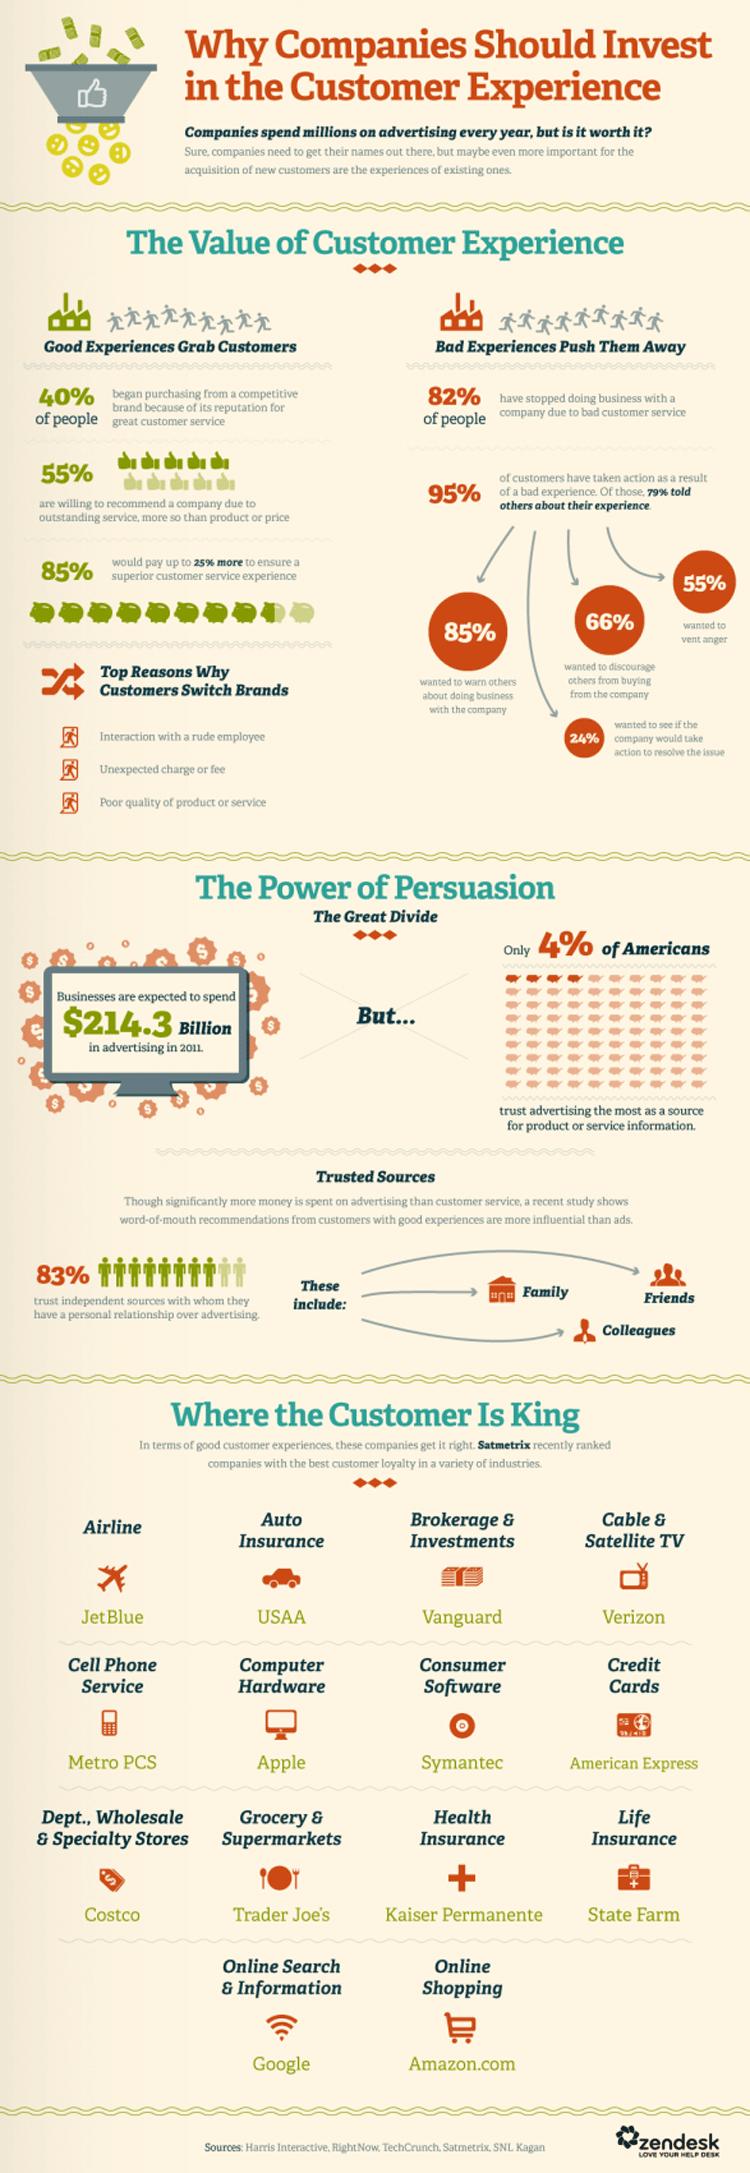 Customer Experience ermöglicht Wettbewerbsvorteile